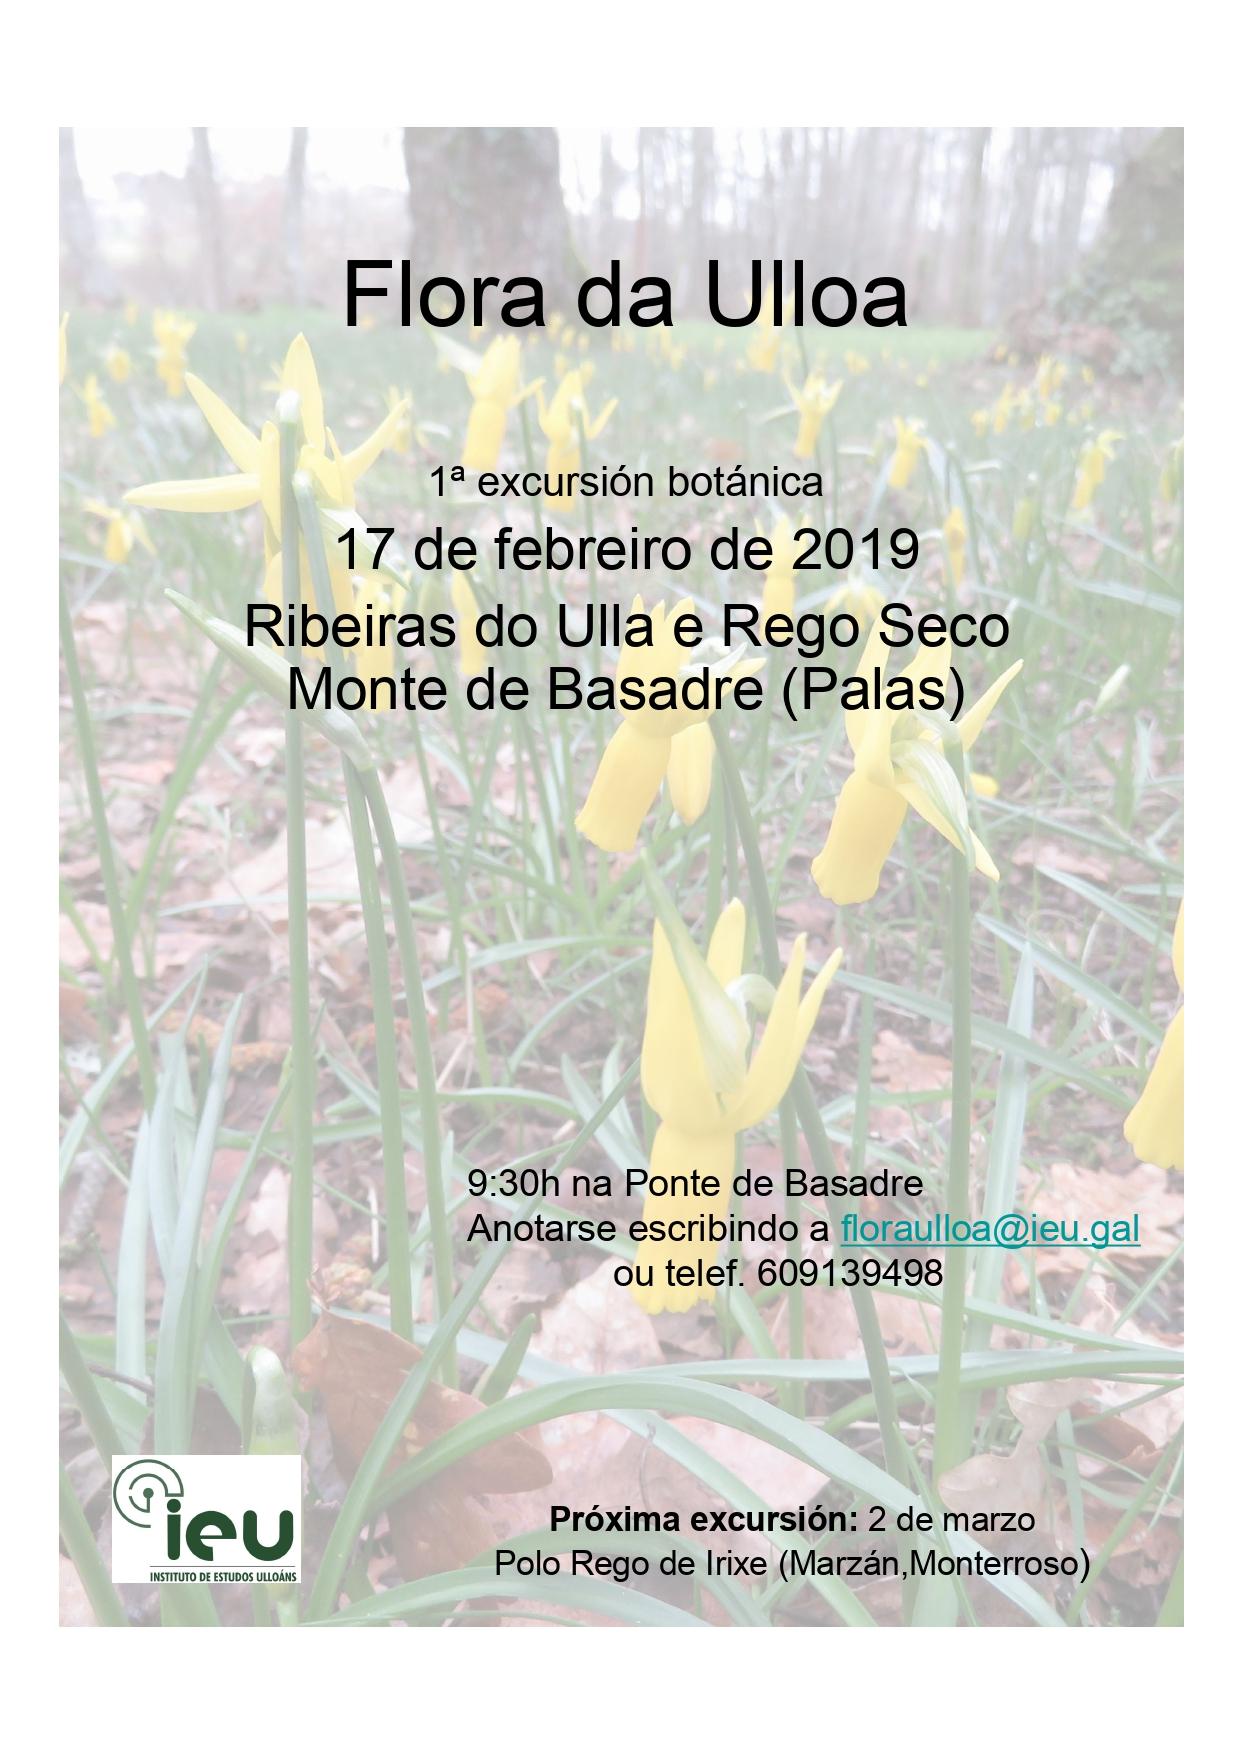 1ª exc Flora da Ulloa, Instituto de Estudos Ulloáns